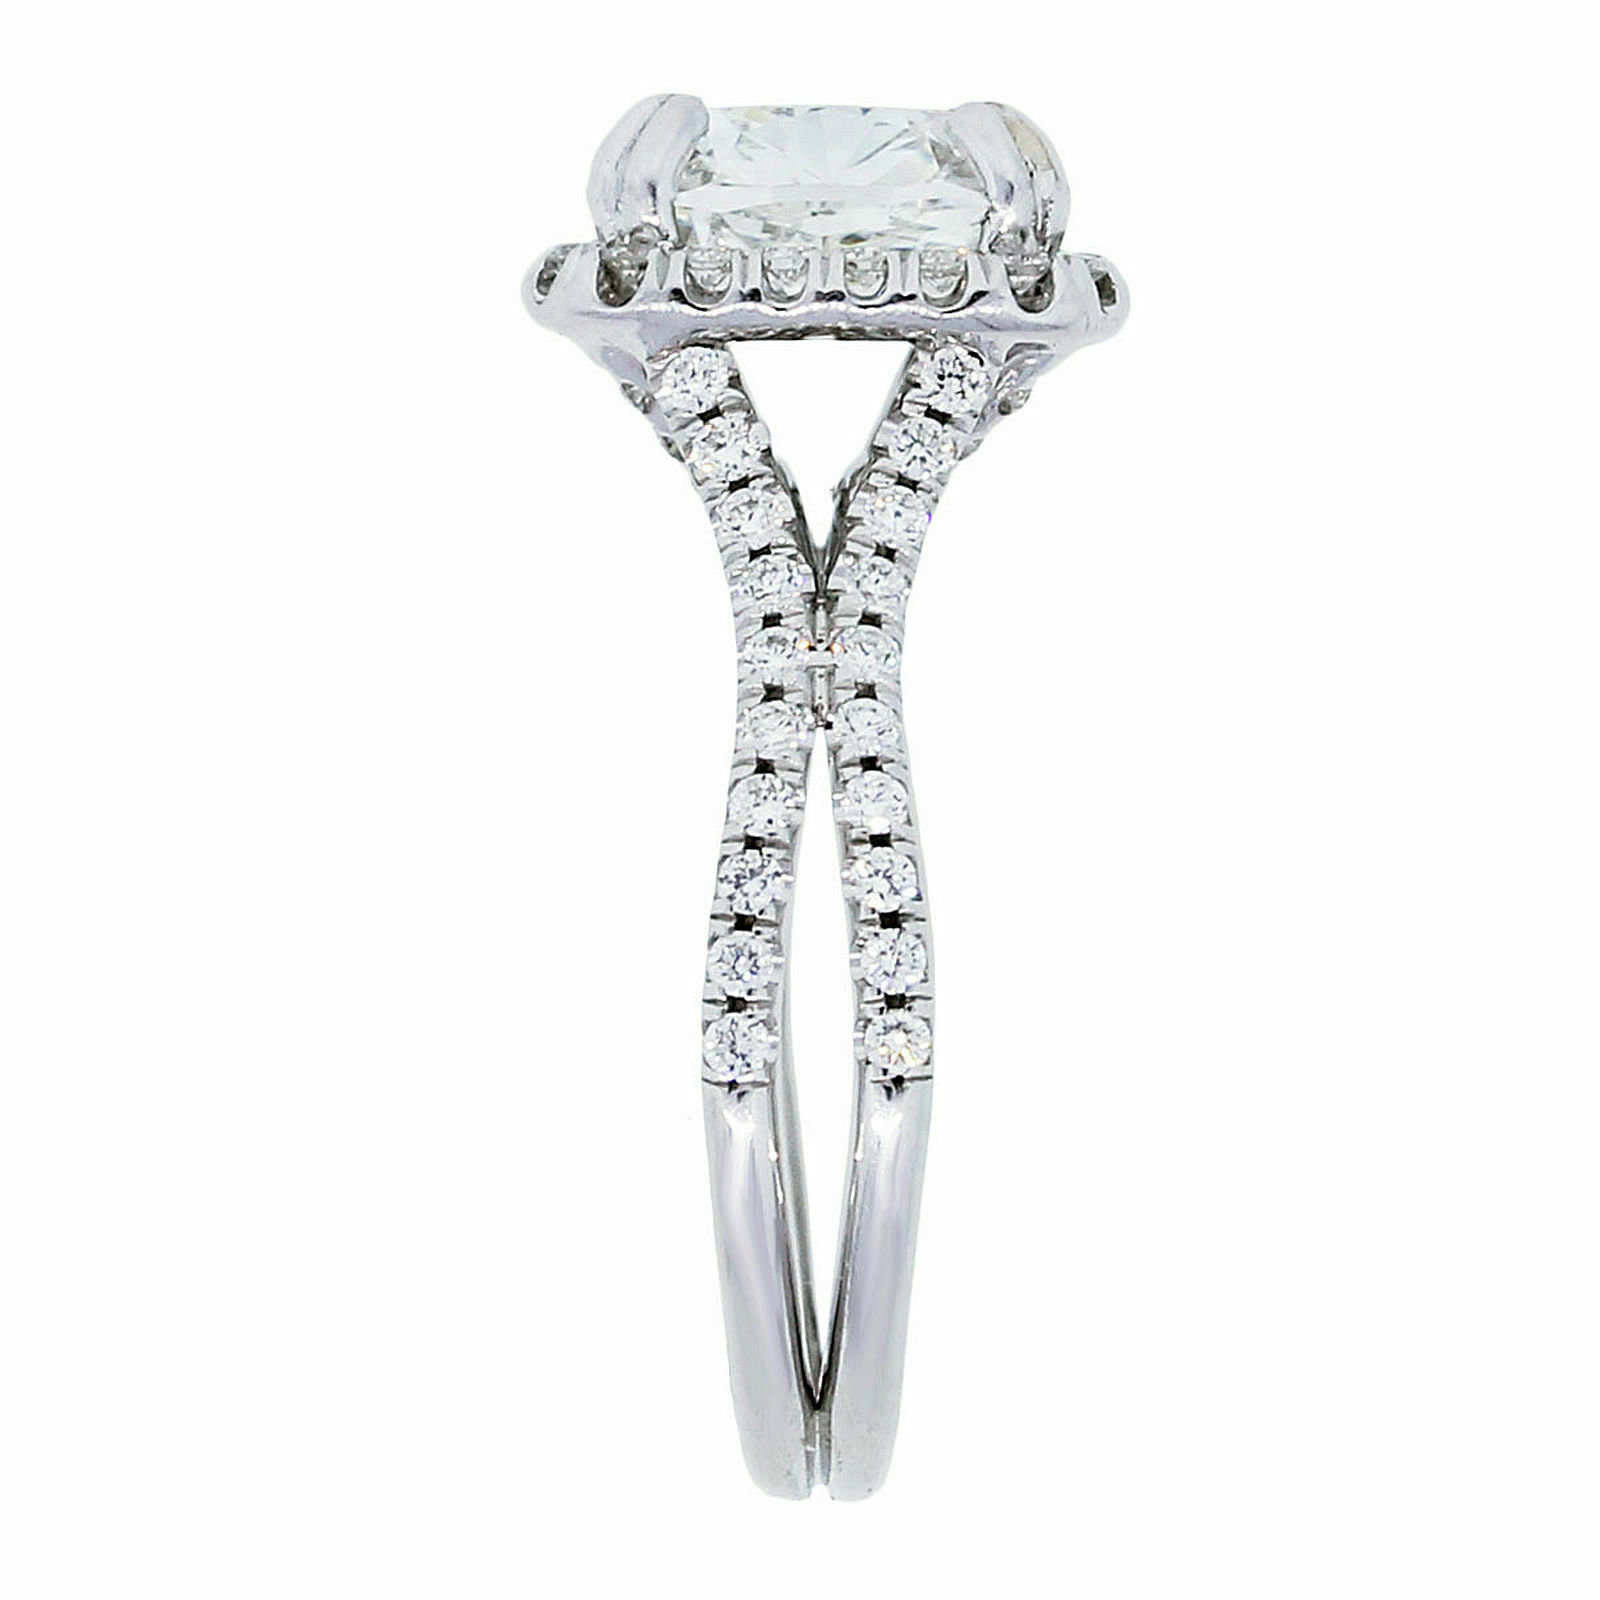 GIA Certified Diamond Engagement Ring Cushion Cut 14k White Gold 2.18 carat 2